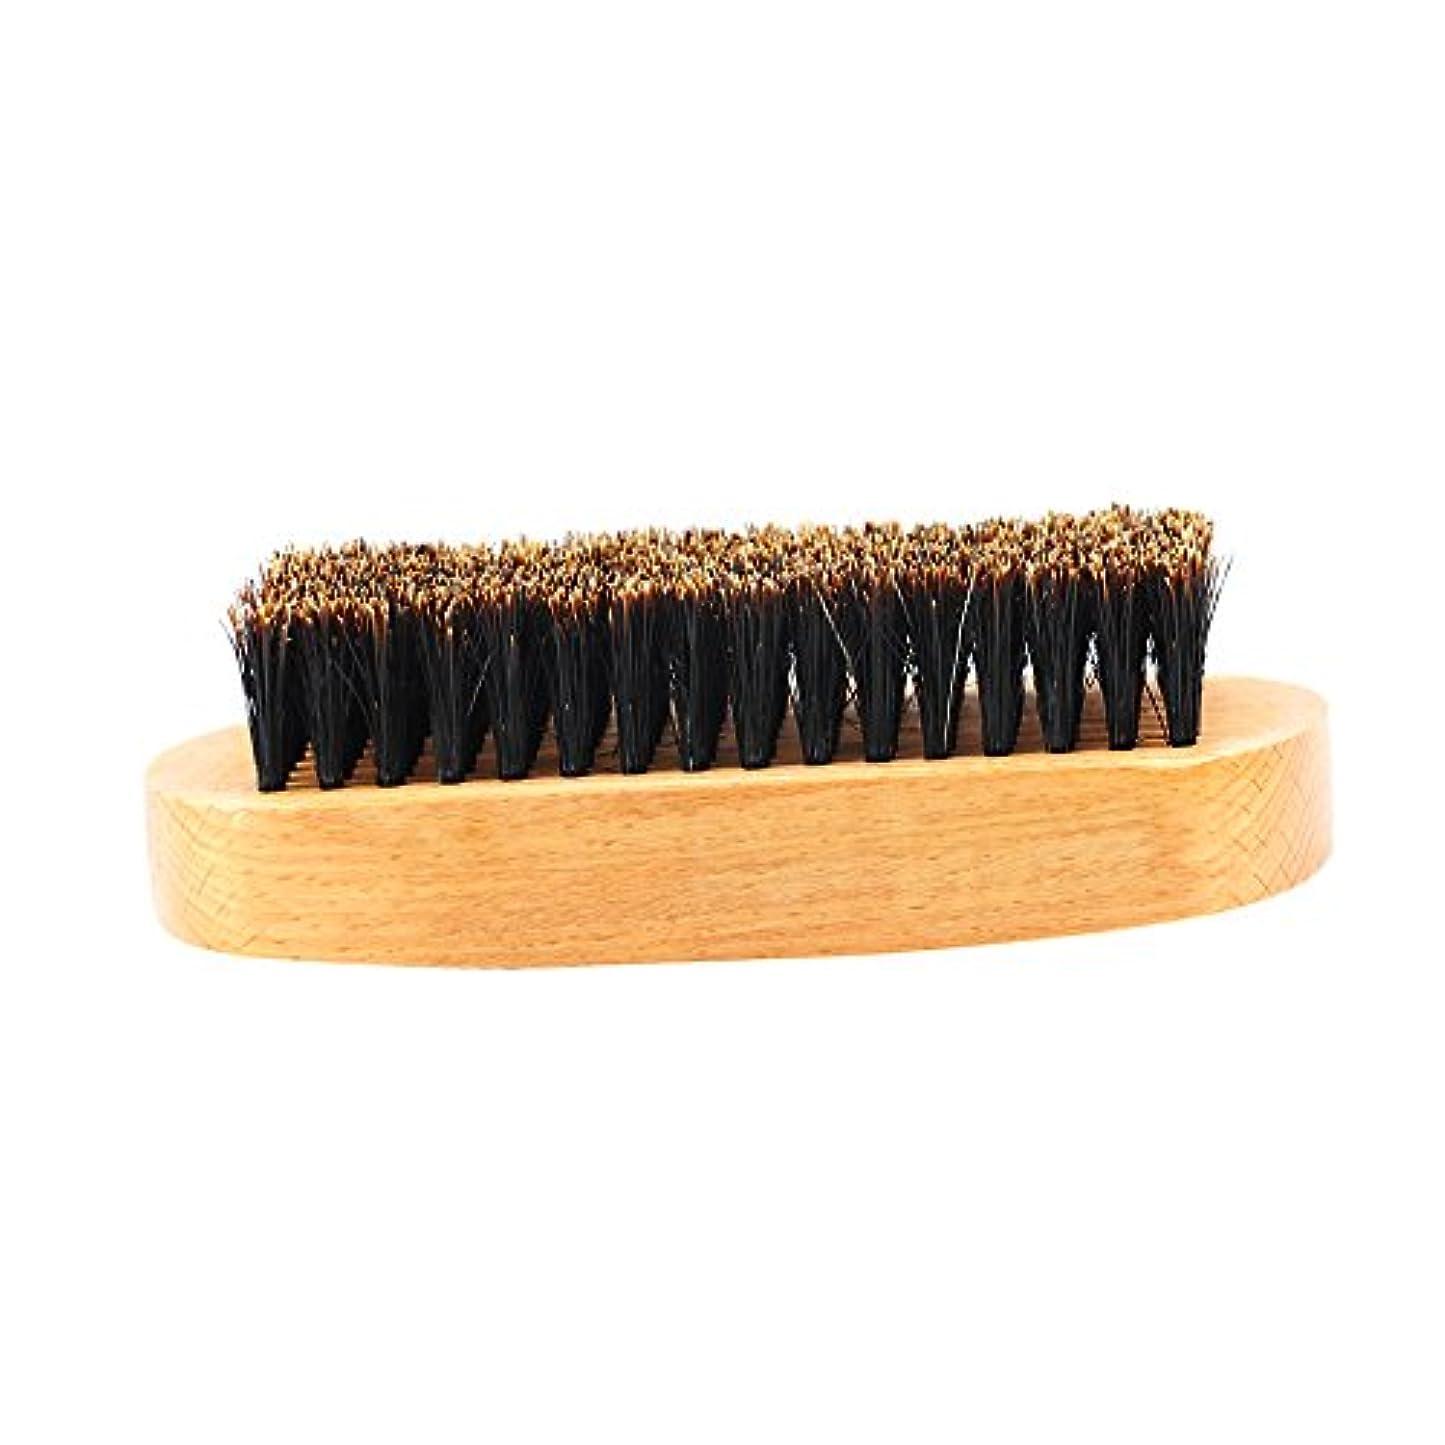 精神的にセールポータブルビュアブラシ 豚毛 髭ブラシ メンズ ひげブラシ 天然木ハンドル 口ひげケア 2タイプ選べる - #1